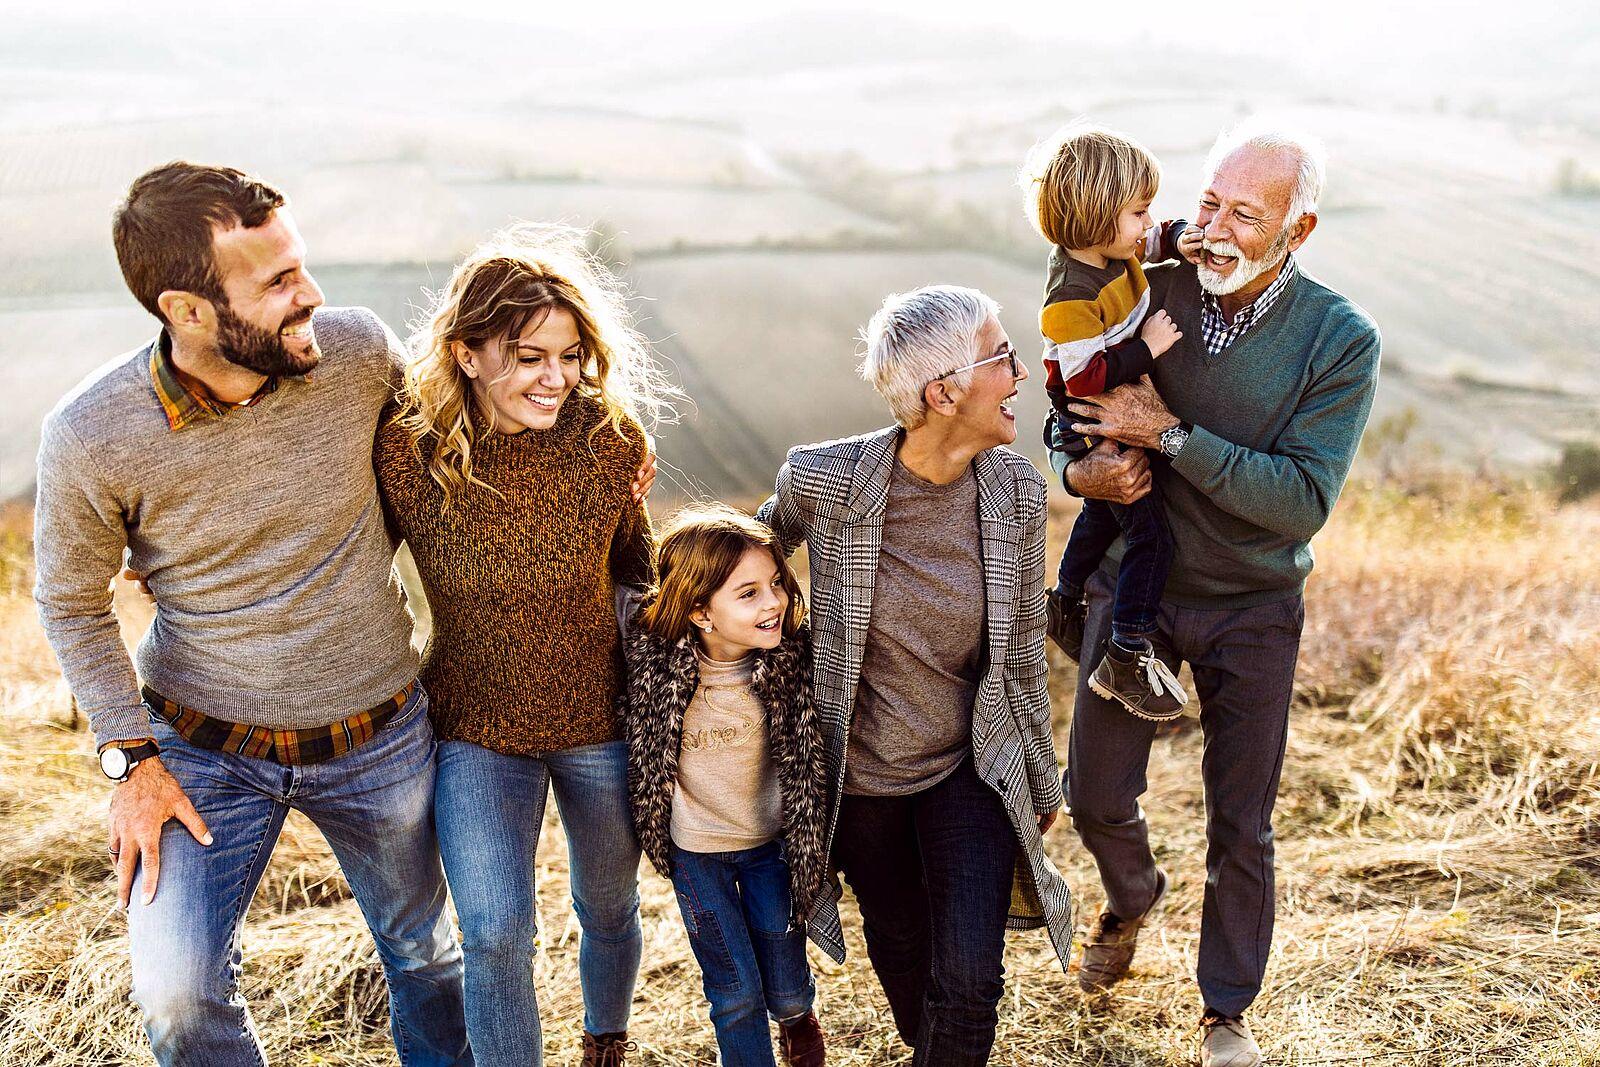 Bild einer glücklichen Drei-Generationen-Familie, die gemeinsam einen Berg hinaufspaziert sind, Felder und Wiesen im Hintergrund zu sehen.